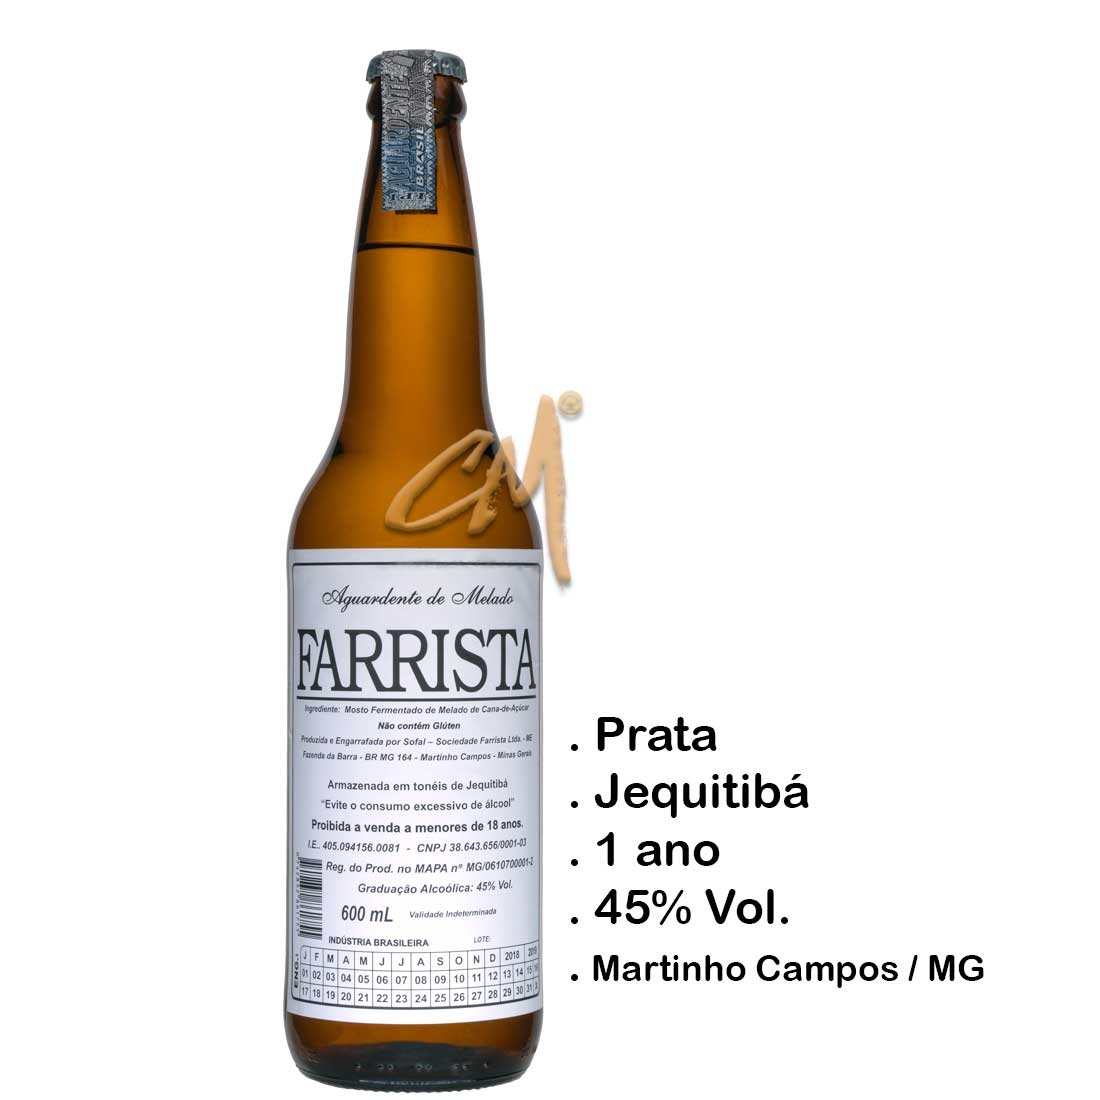 Cachaça Farrista 600 ml (Martinho Campos - MG)